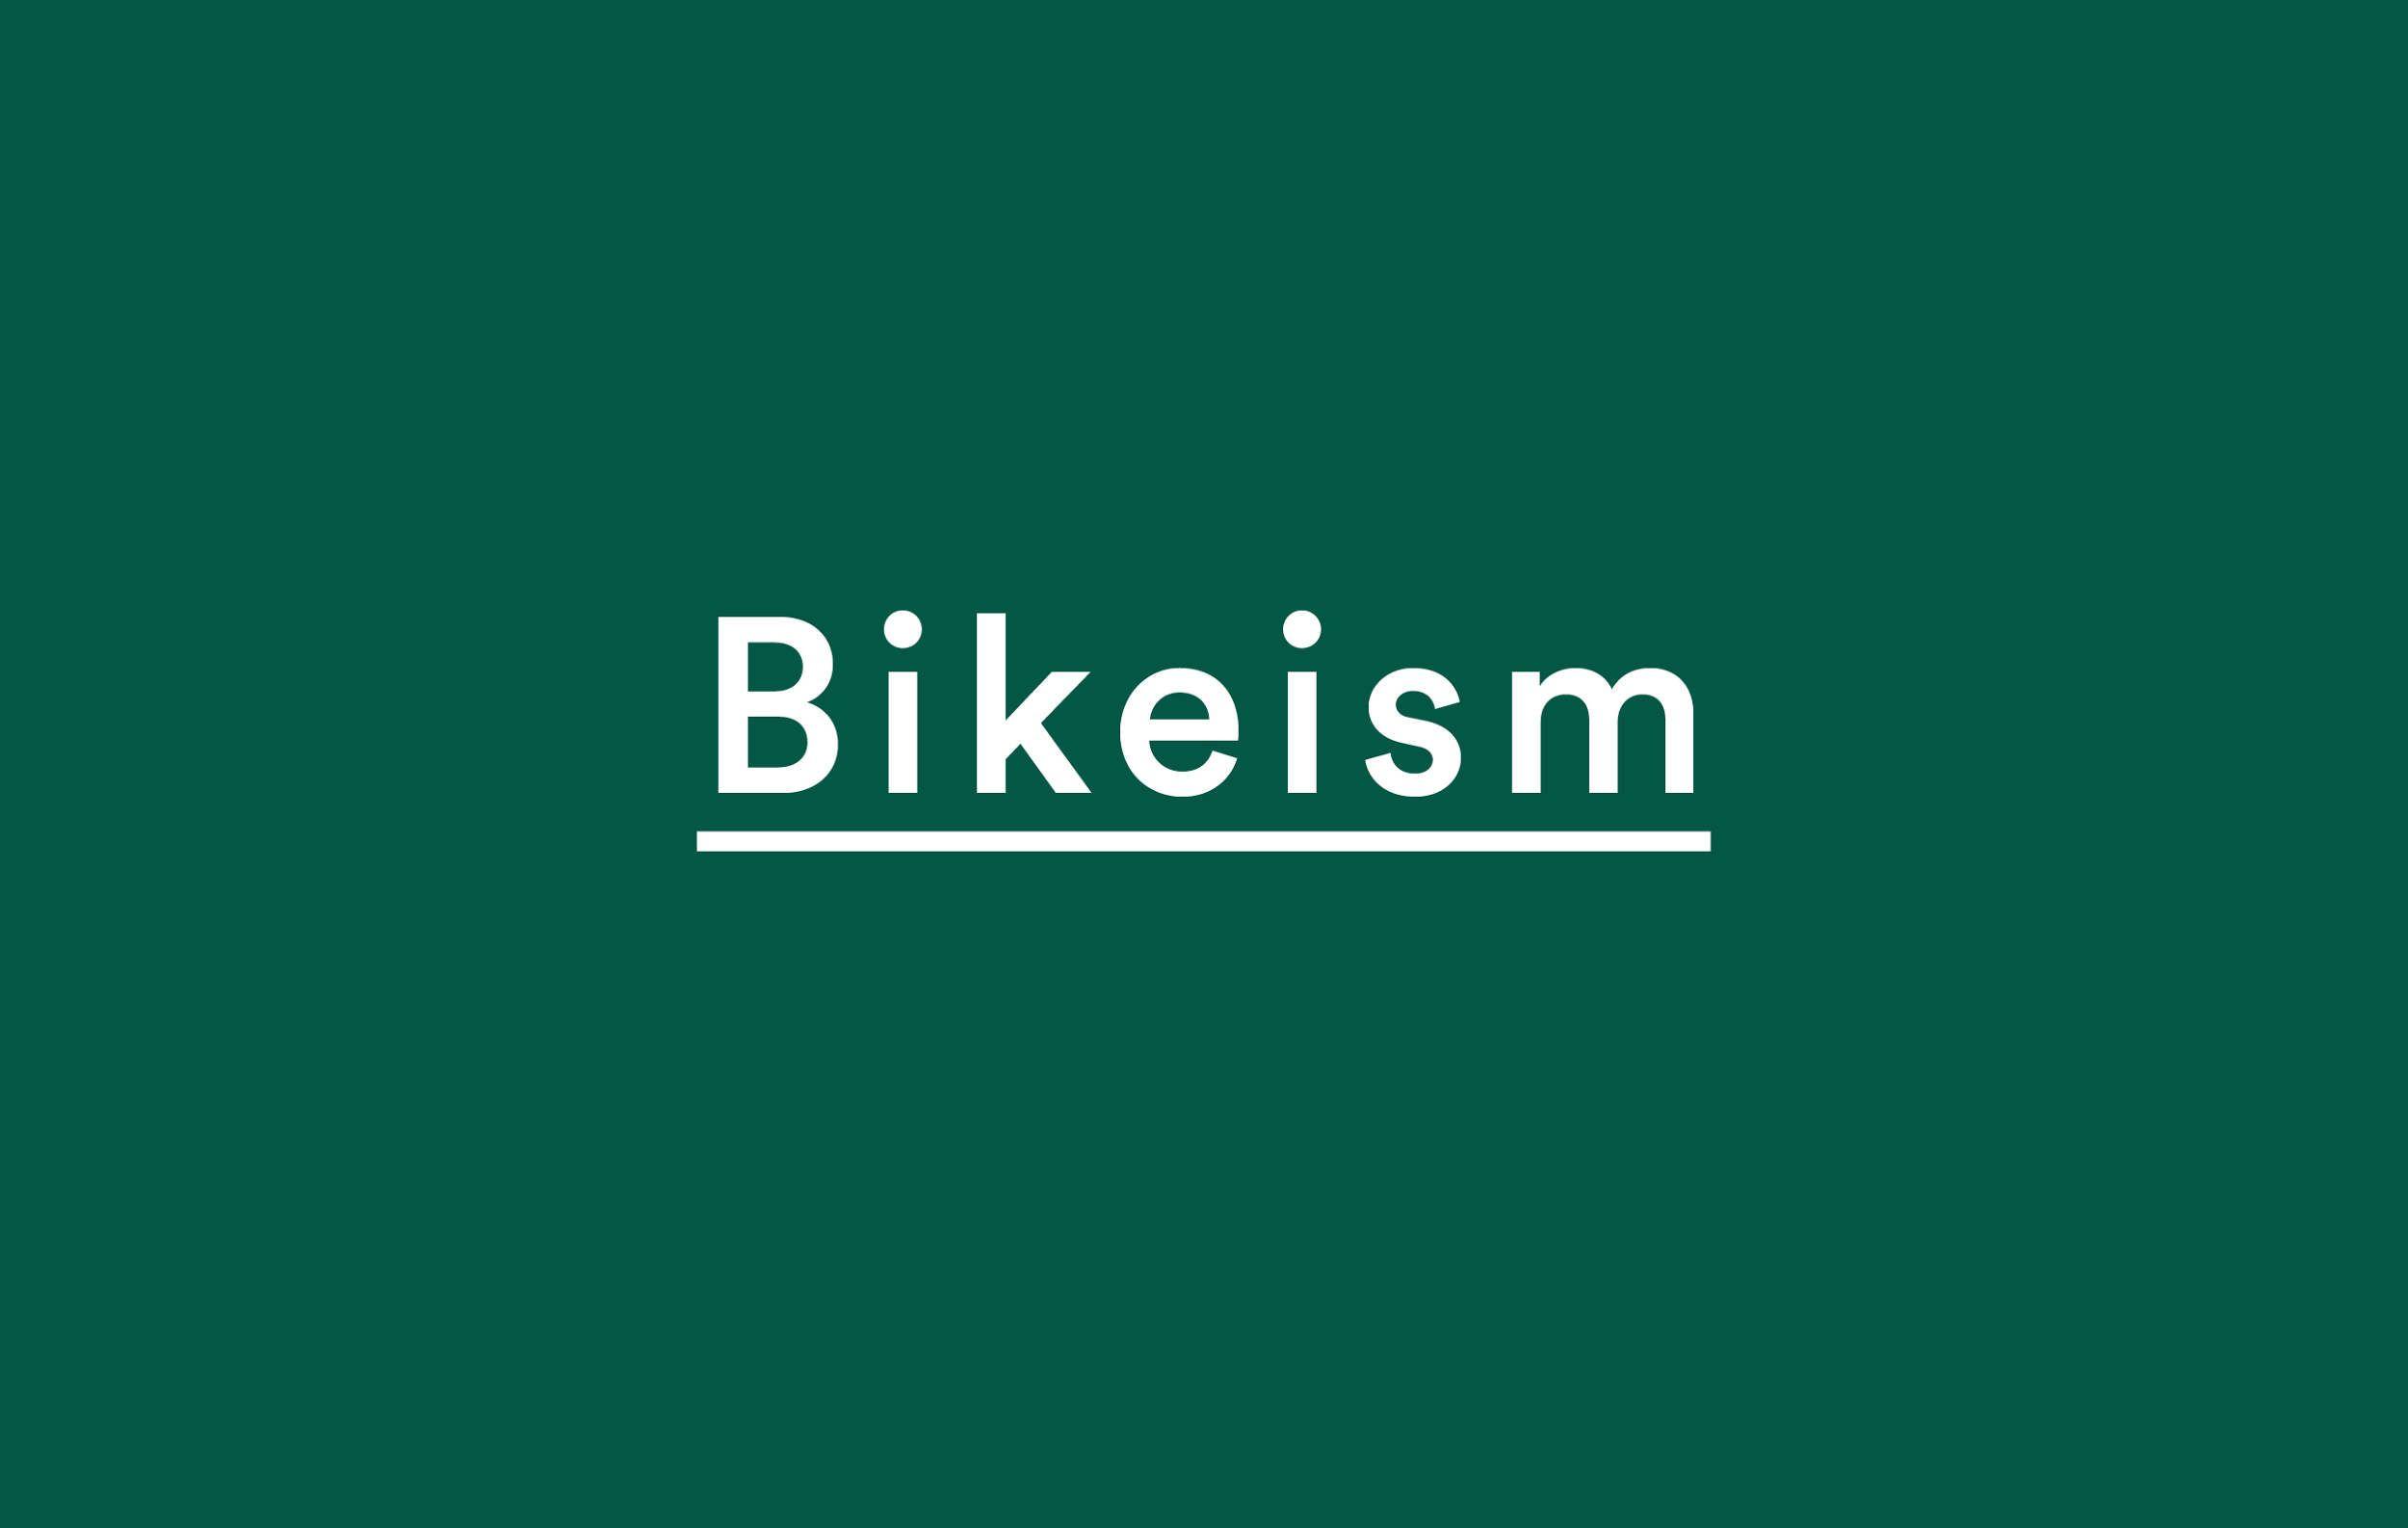 BIKEISM - viviholtfodt.com